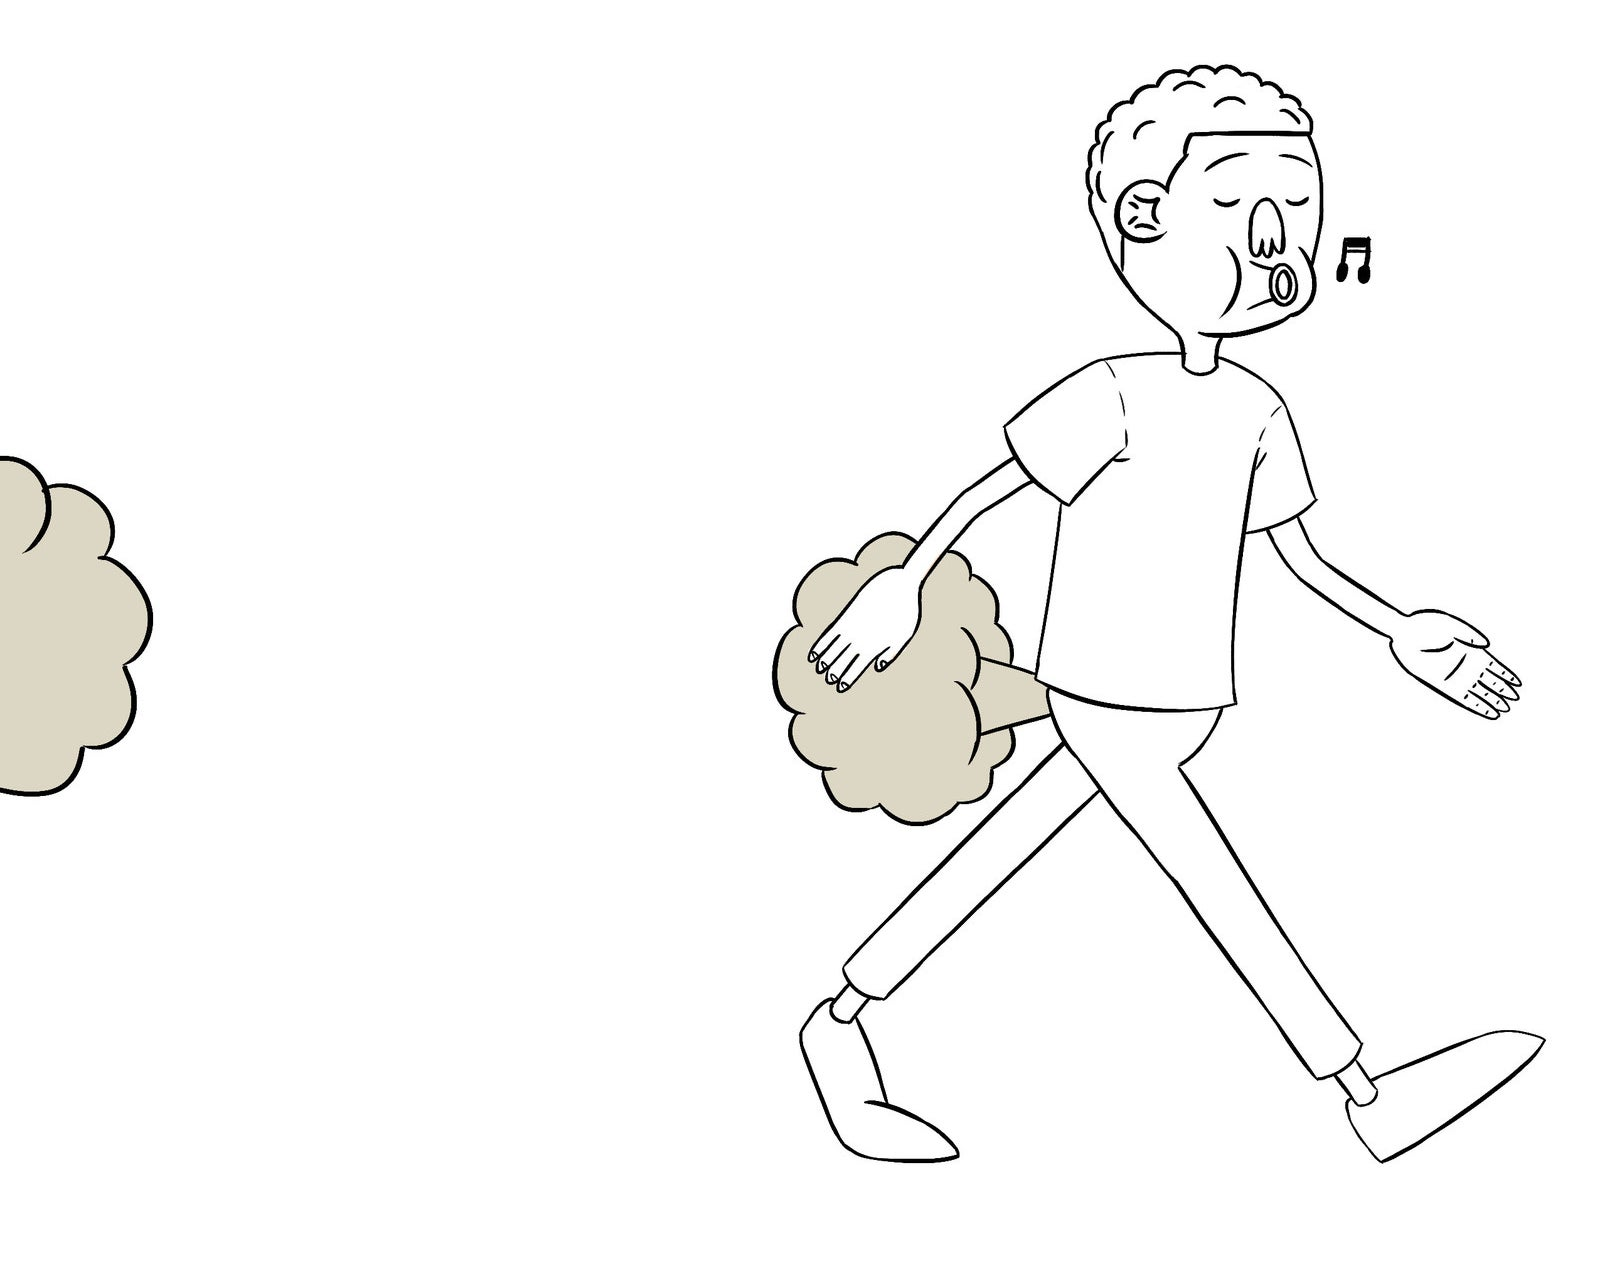 Guia ilustrativo de como soltar um pum disfarçadamente.